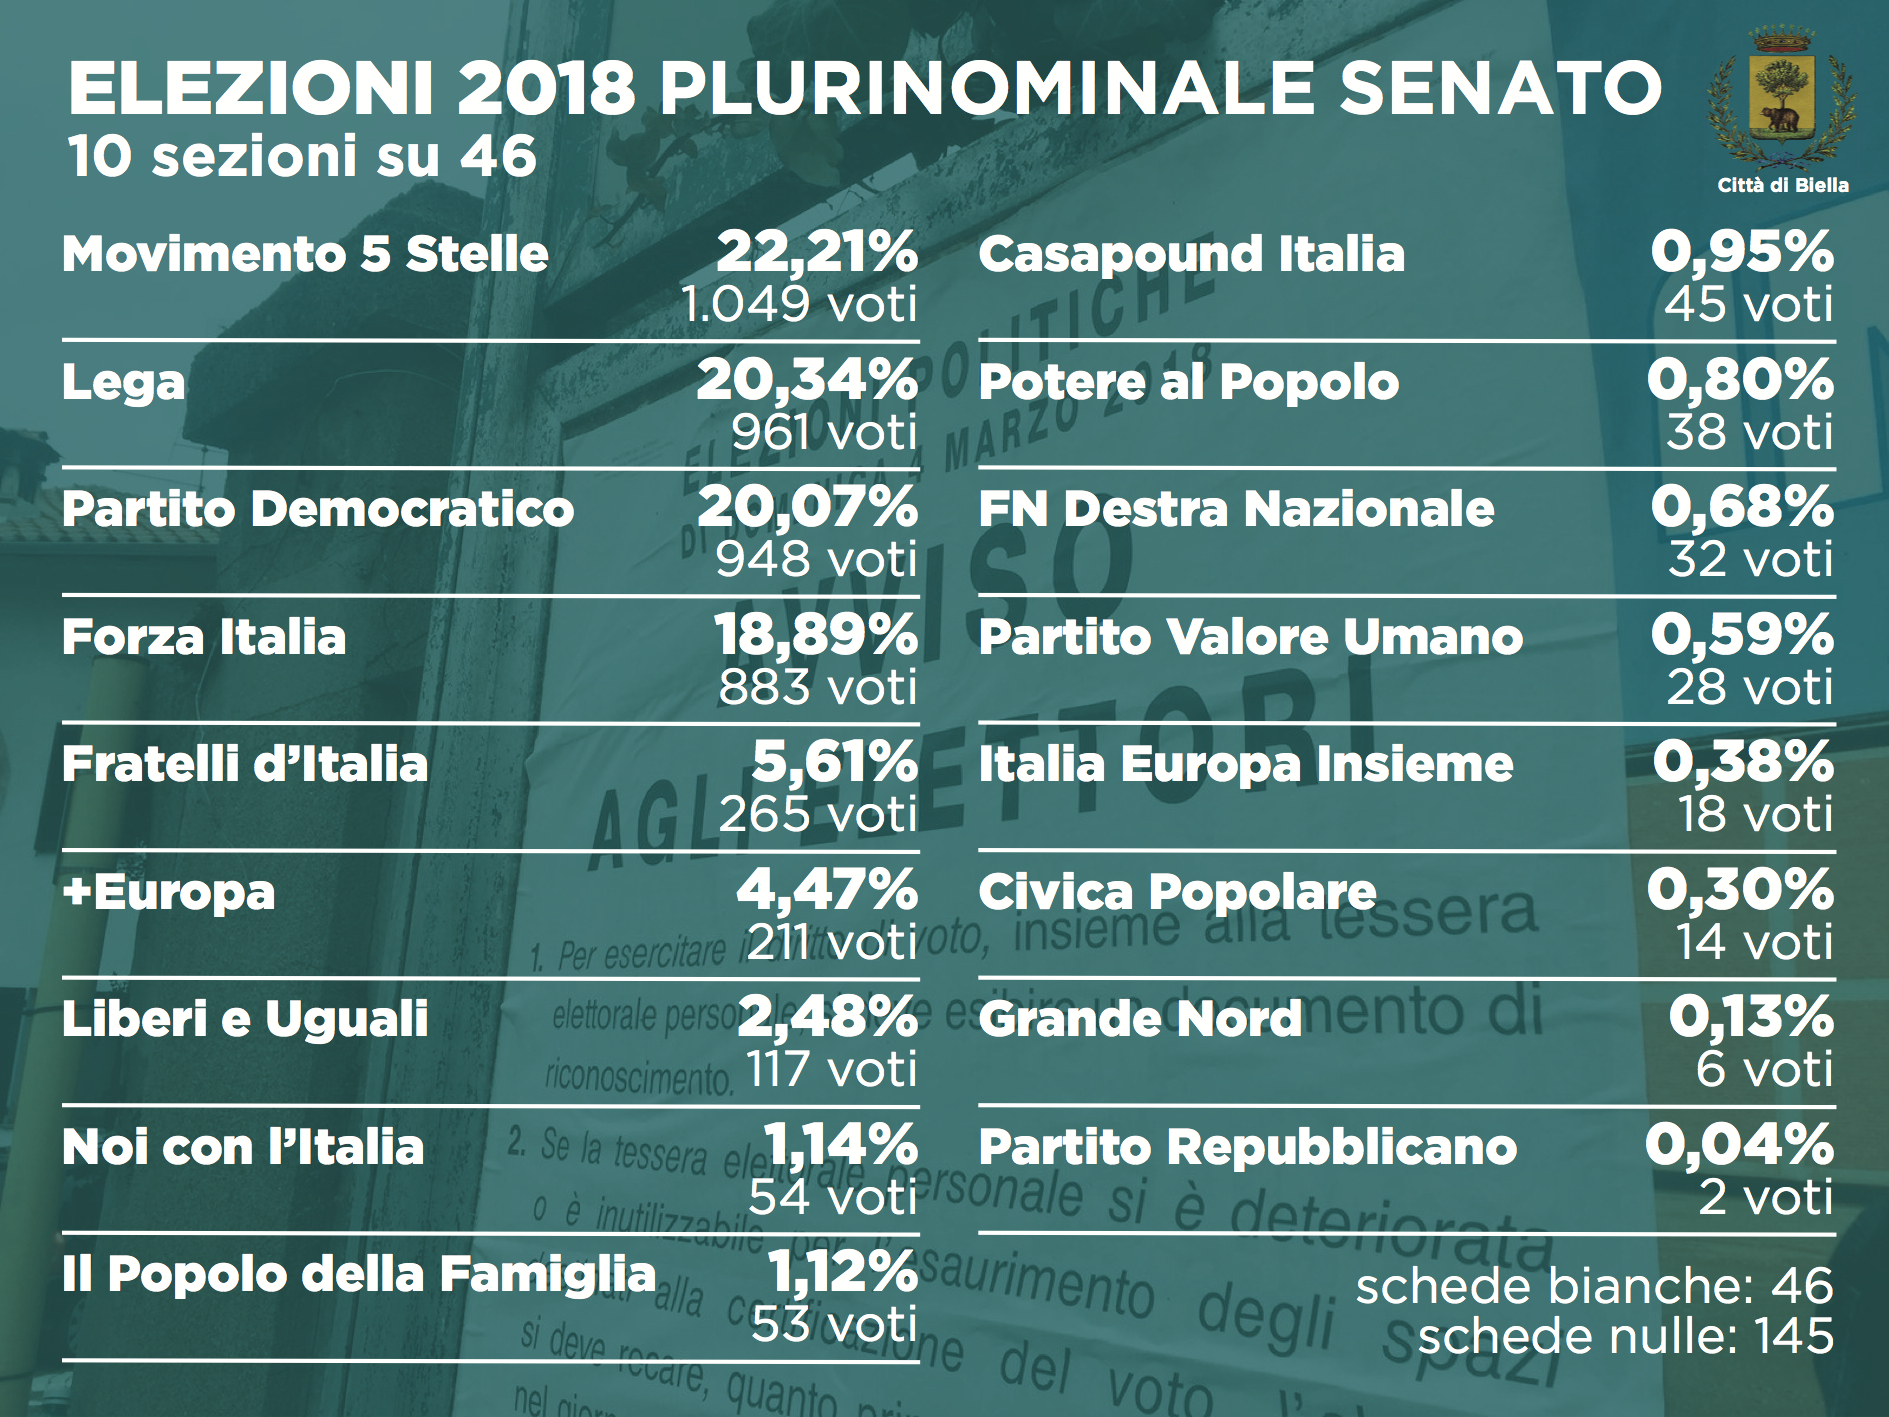 Elezioni 2018: i dati del plurinominale al Senato (10 sezioni su 46)